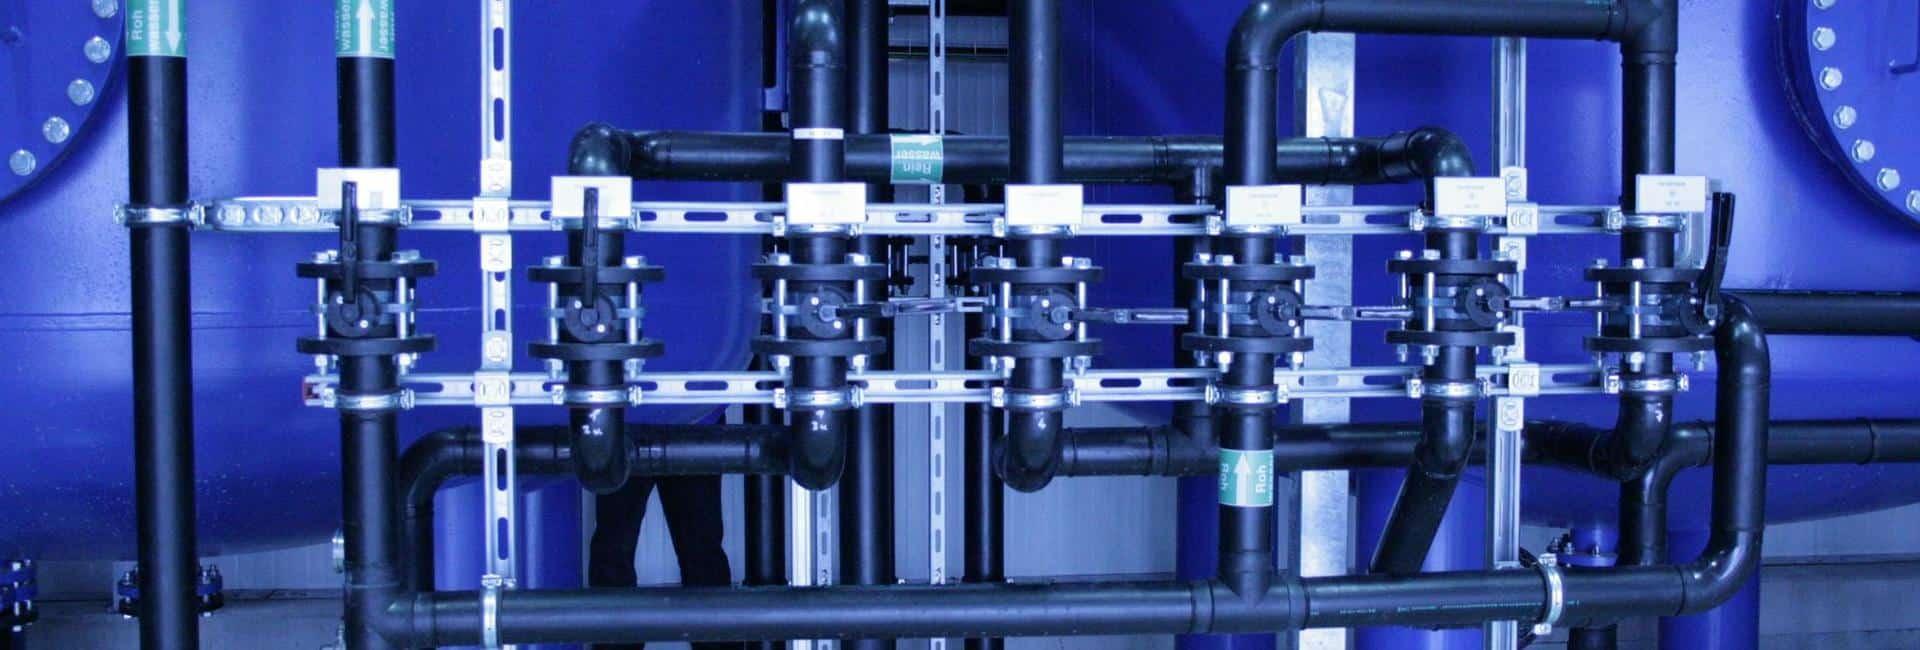 Bauer Umwelt: Aufbereitung Deponiesickerwasser Deponie Silberberg in Hof